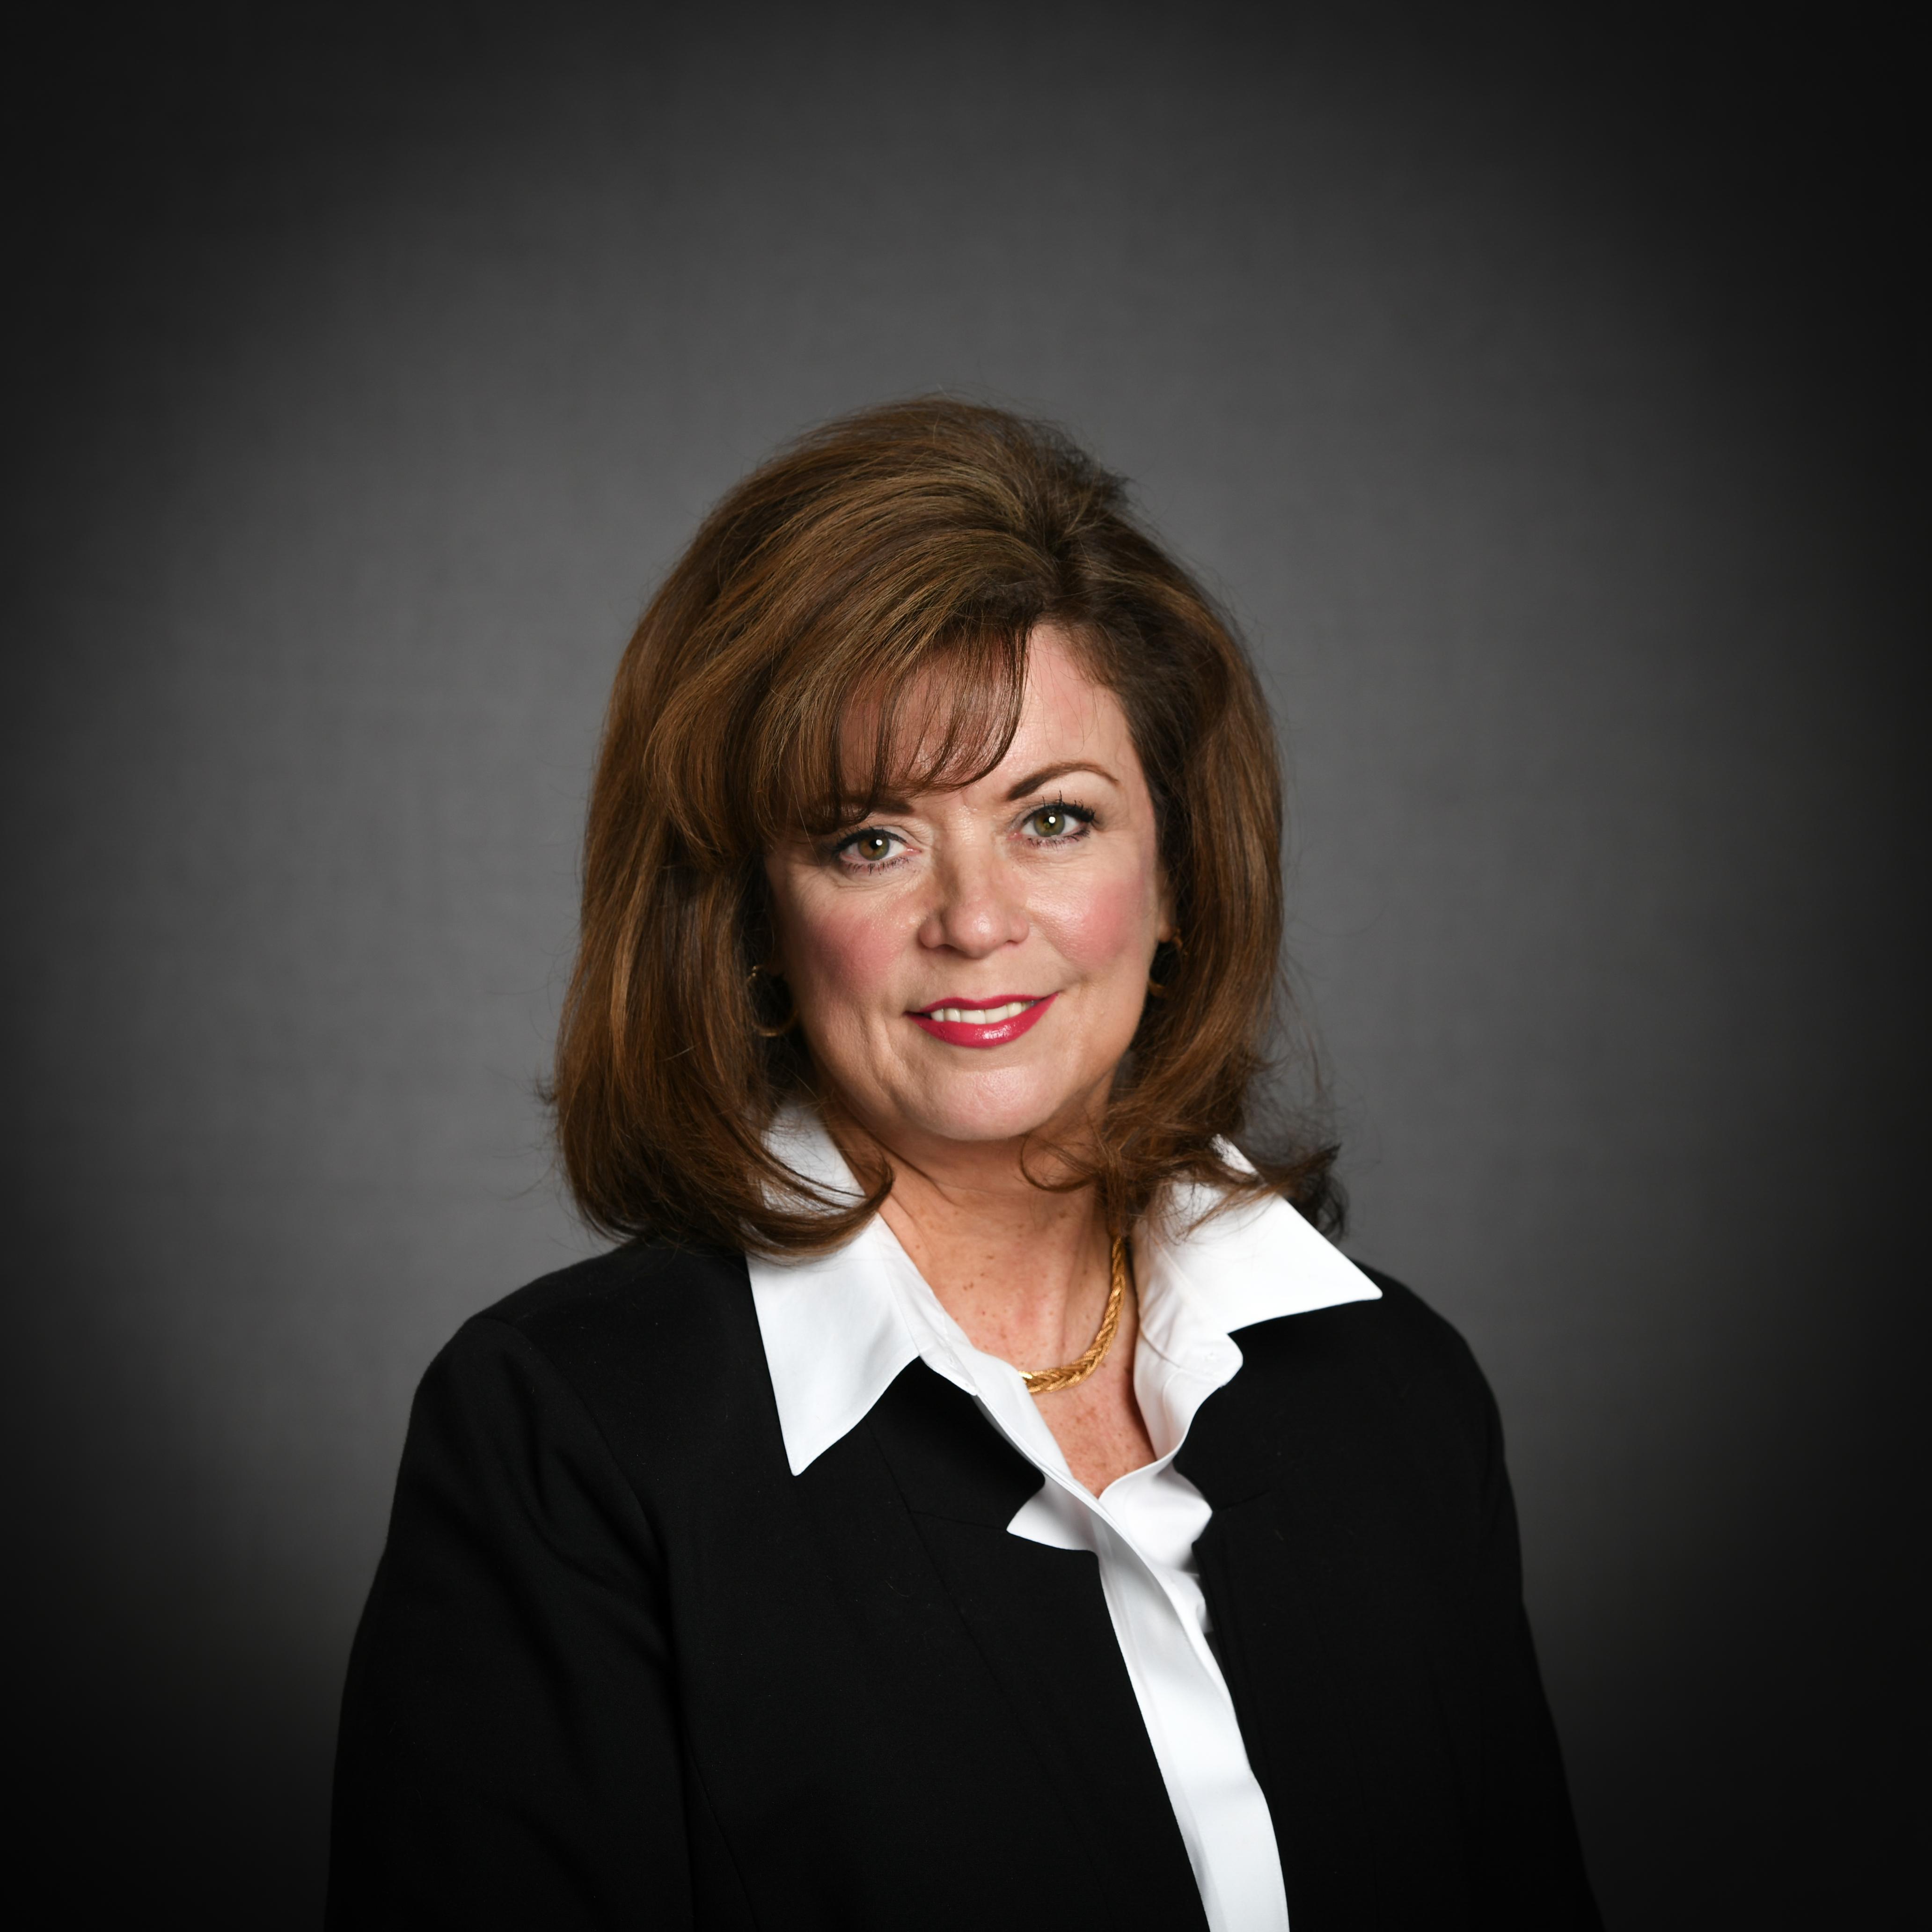 Carolyn Rouchka